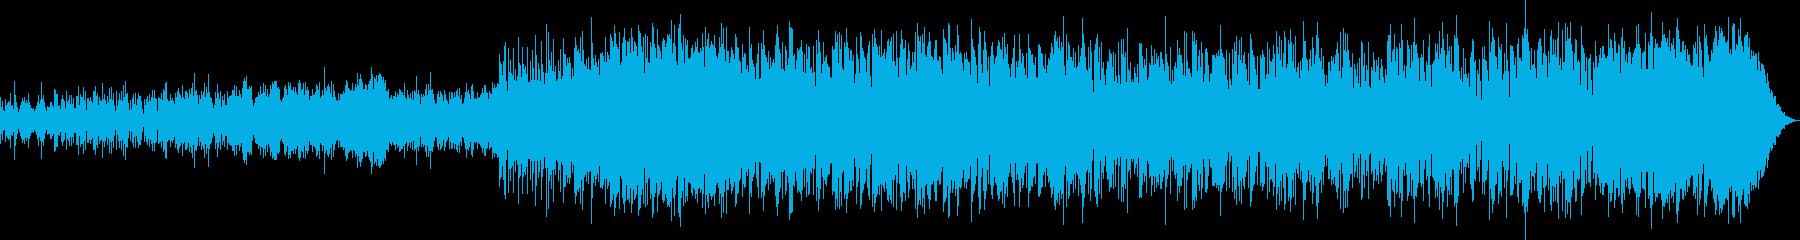 謎めいた不思議なイメージ曲の再生済みの波形